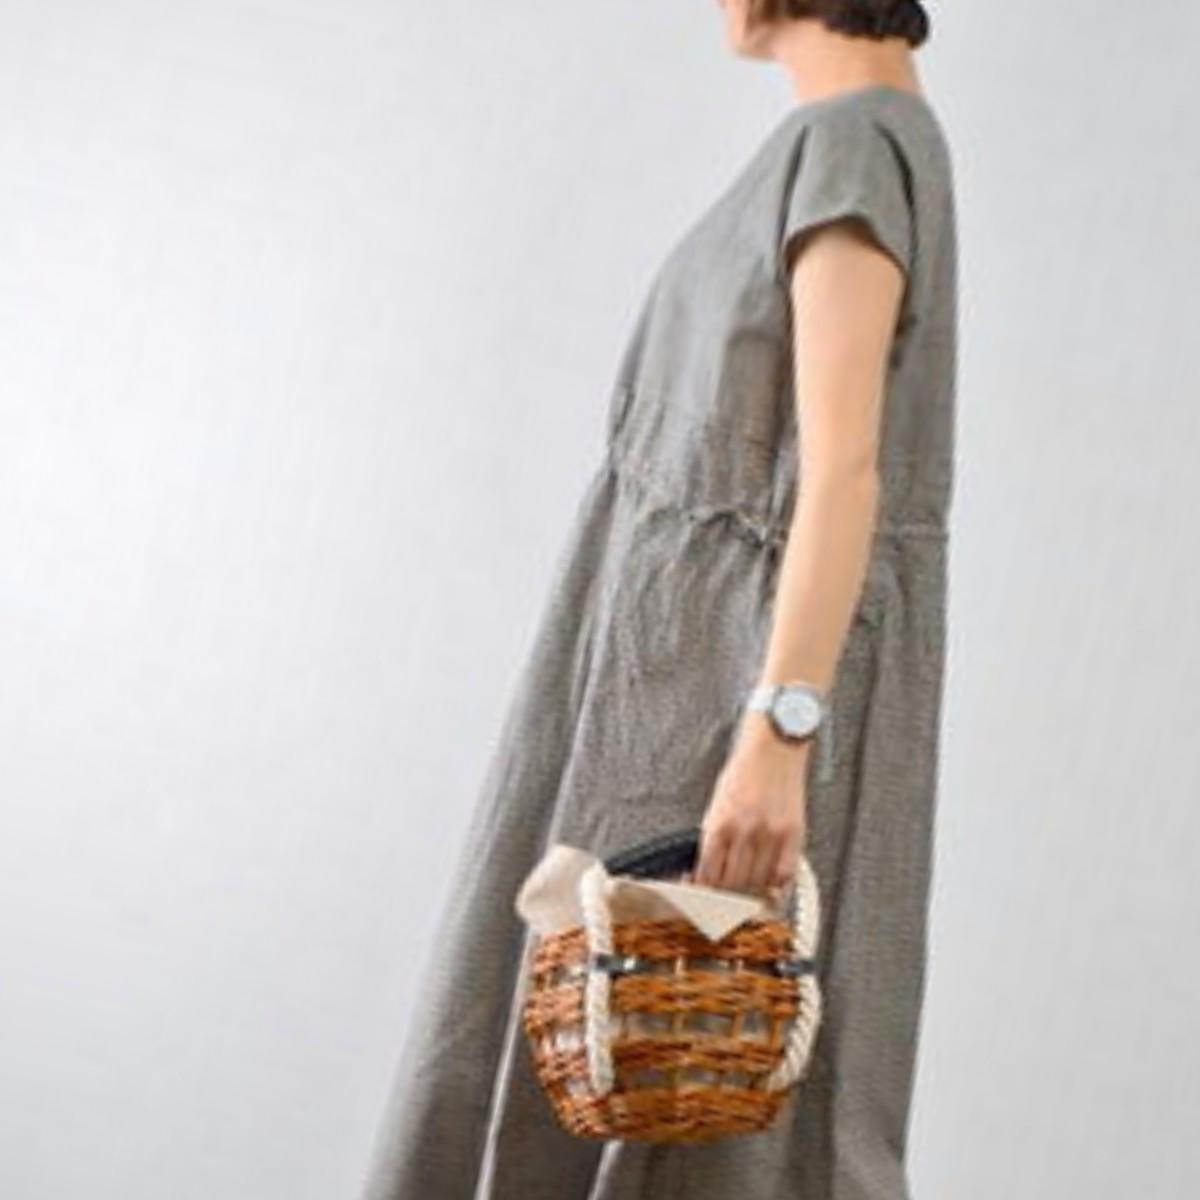 ikot/イコット mind basket bag ロープハンドル丸型かごバッグ IK218008 かごバッグ バッグ かご レディースバック おしゃれ かわいい 大人 小物 送料無料